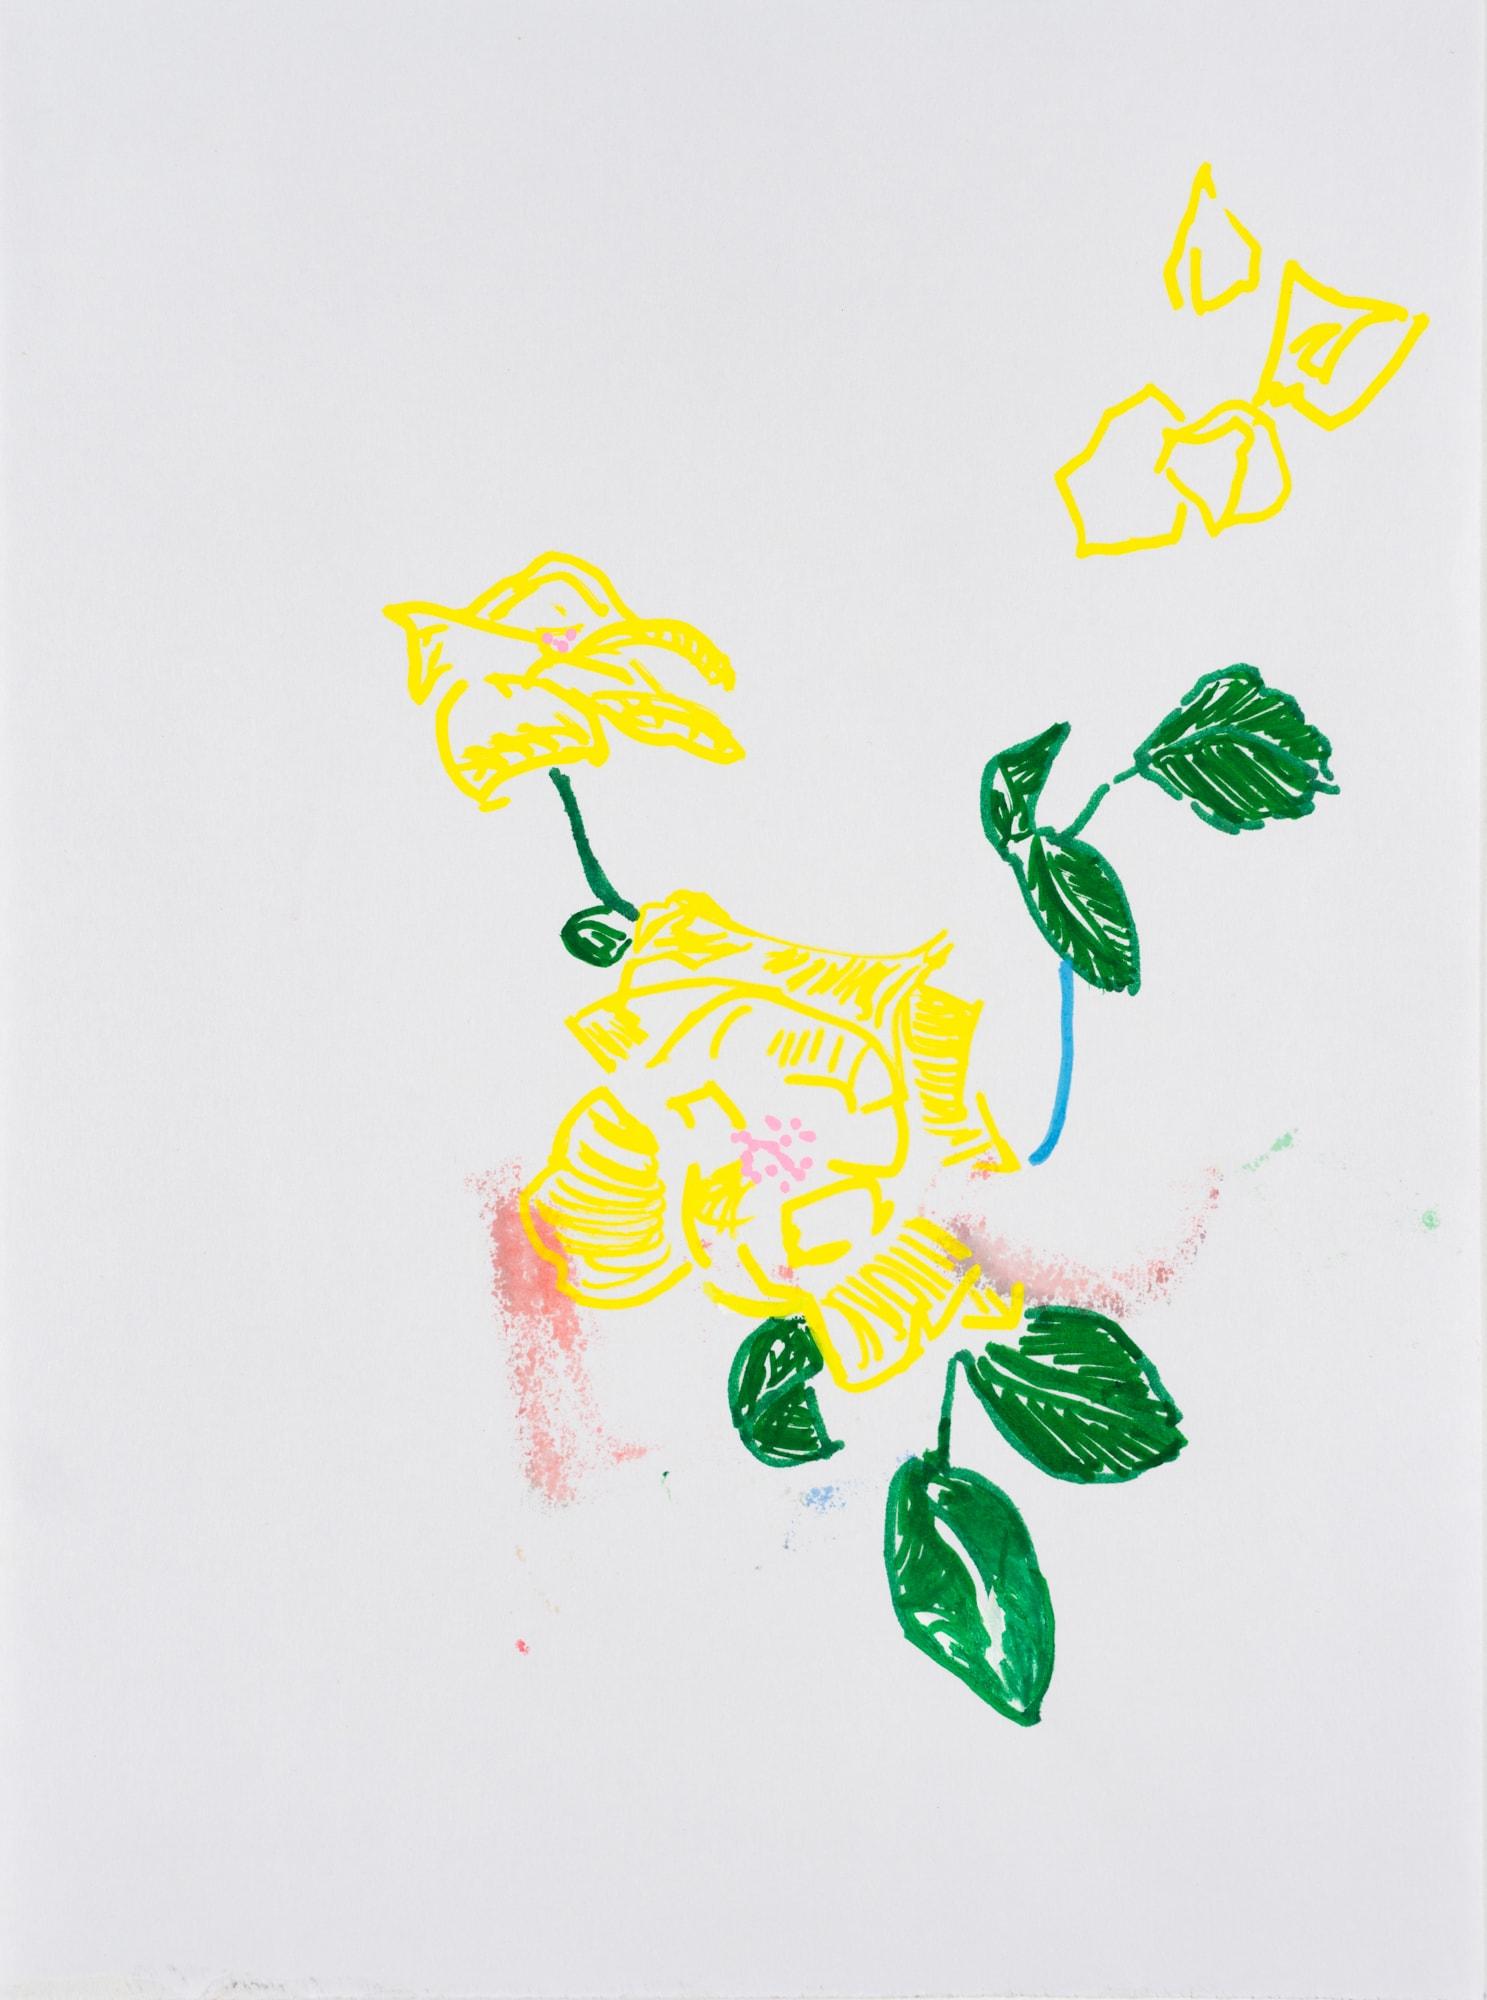 Zeichnung, Acrylmarker auf Papier, 21x28,5cm, gelbe Blüten, Künstlerin: Franziska King